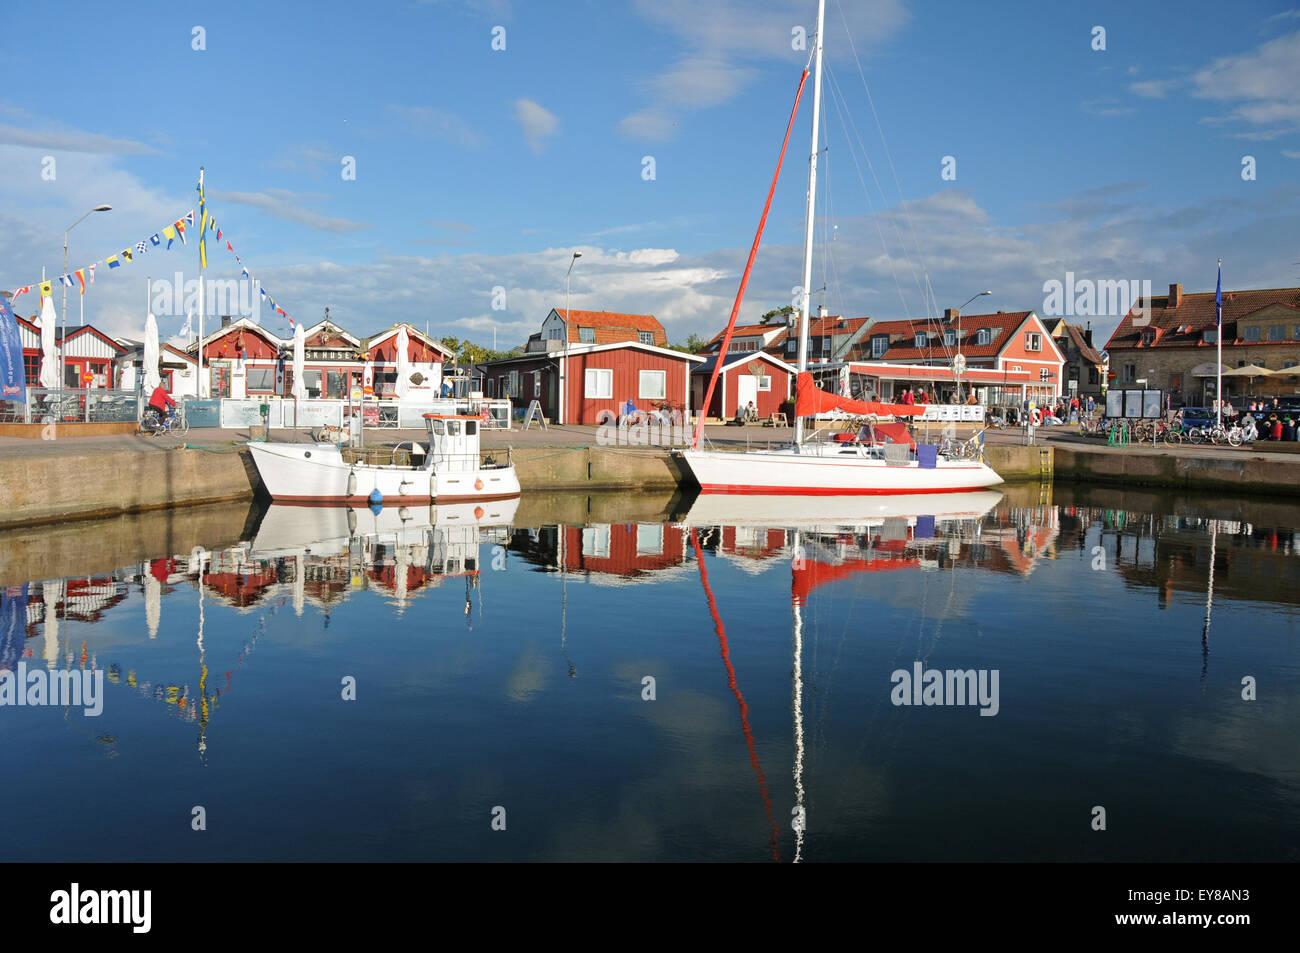 Port et bateaux à West Coast Village de Torekov à Malmö dans le sud de la Suède Photo Stock